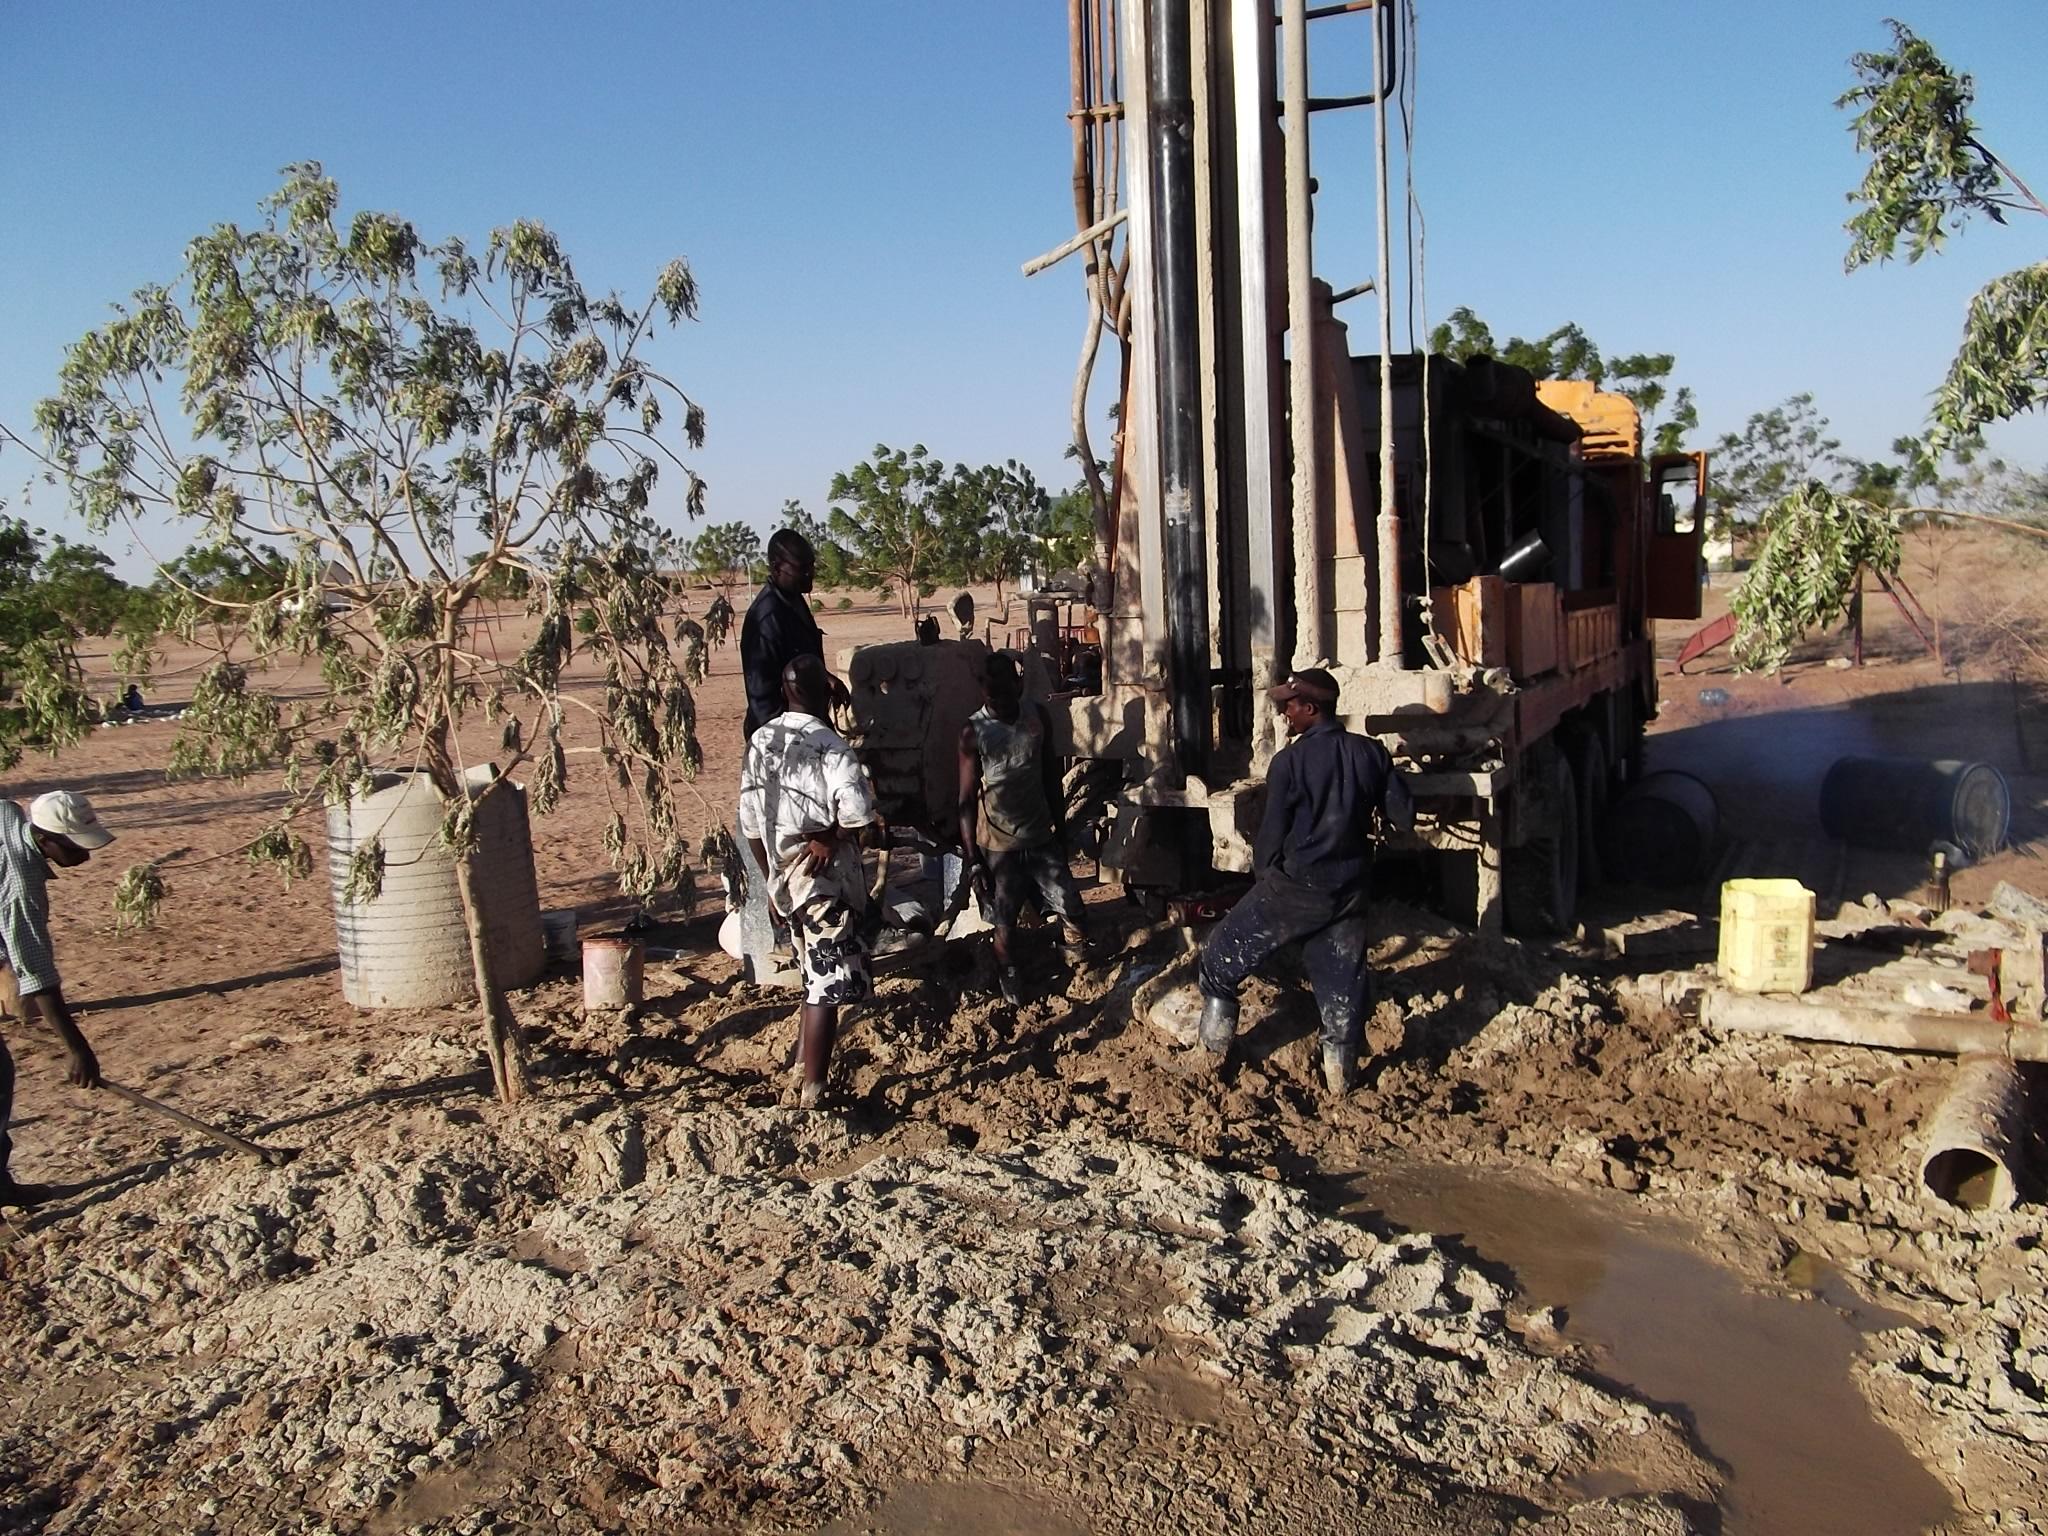 The Water Project : dscf0822